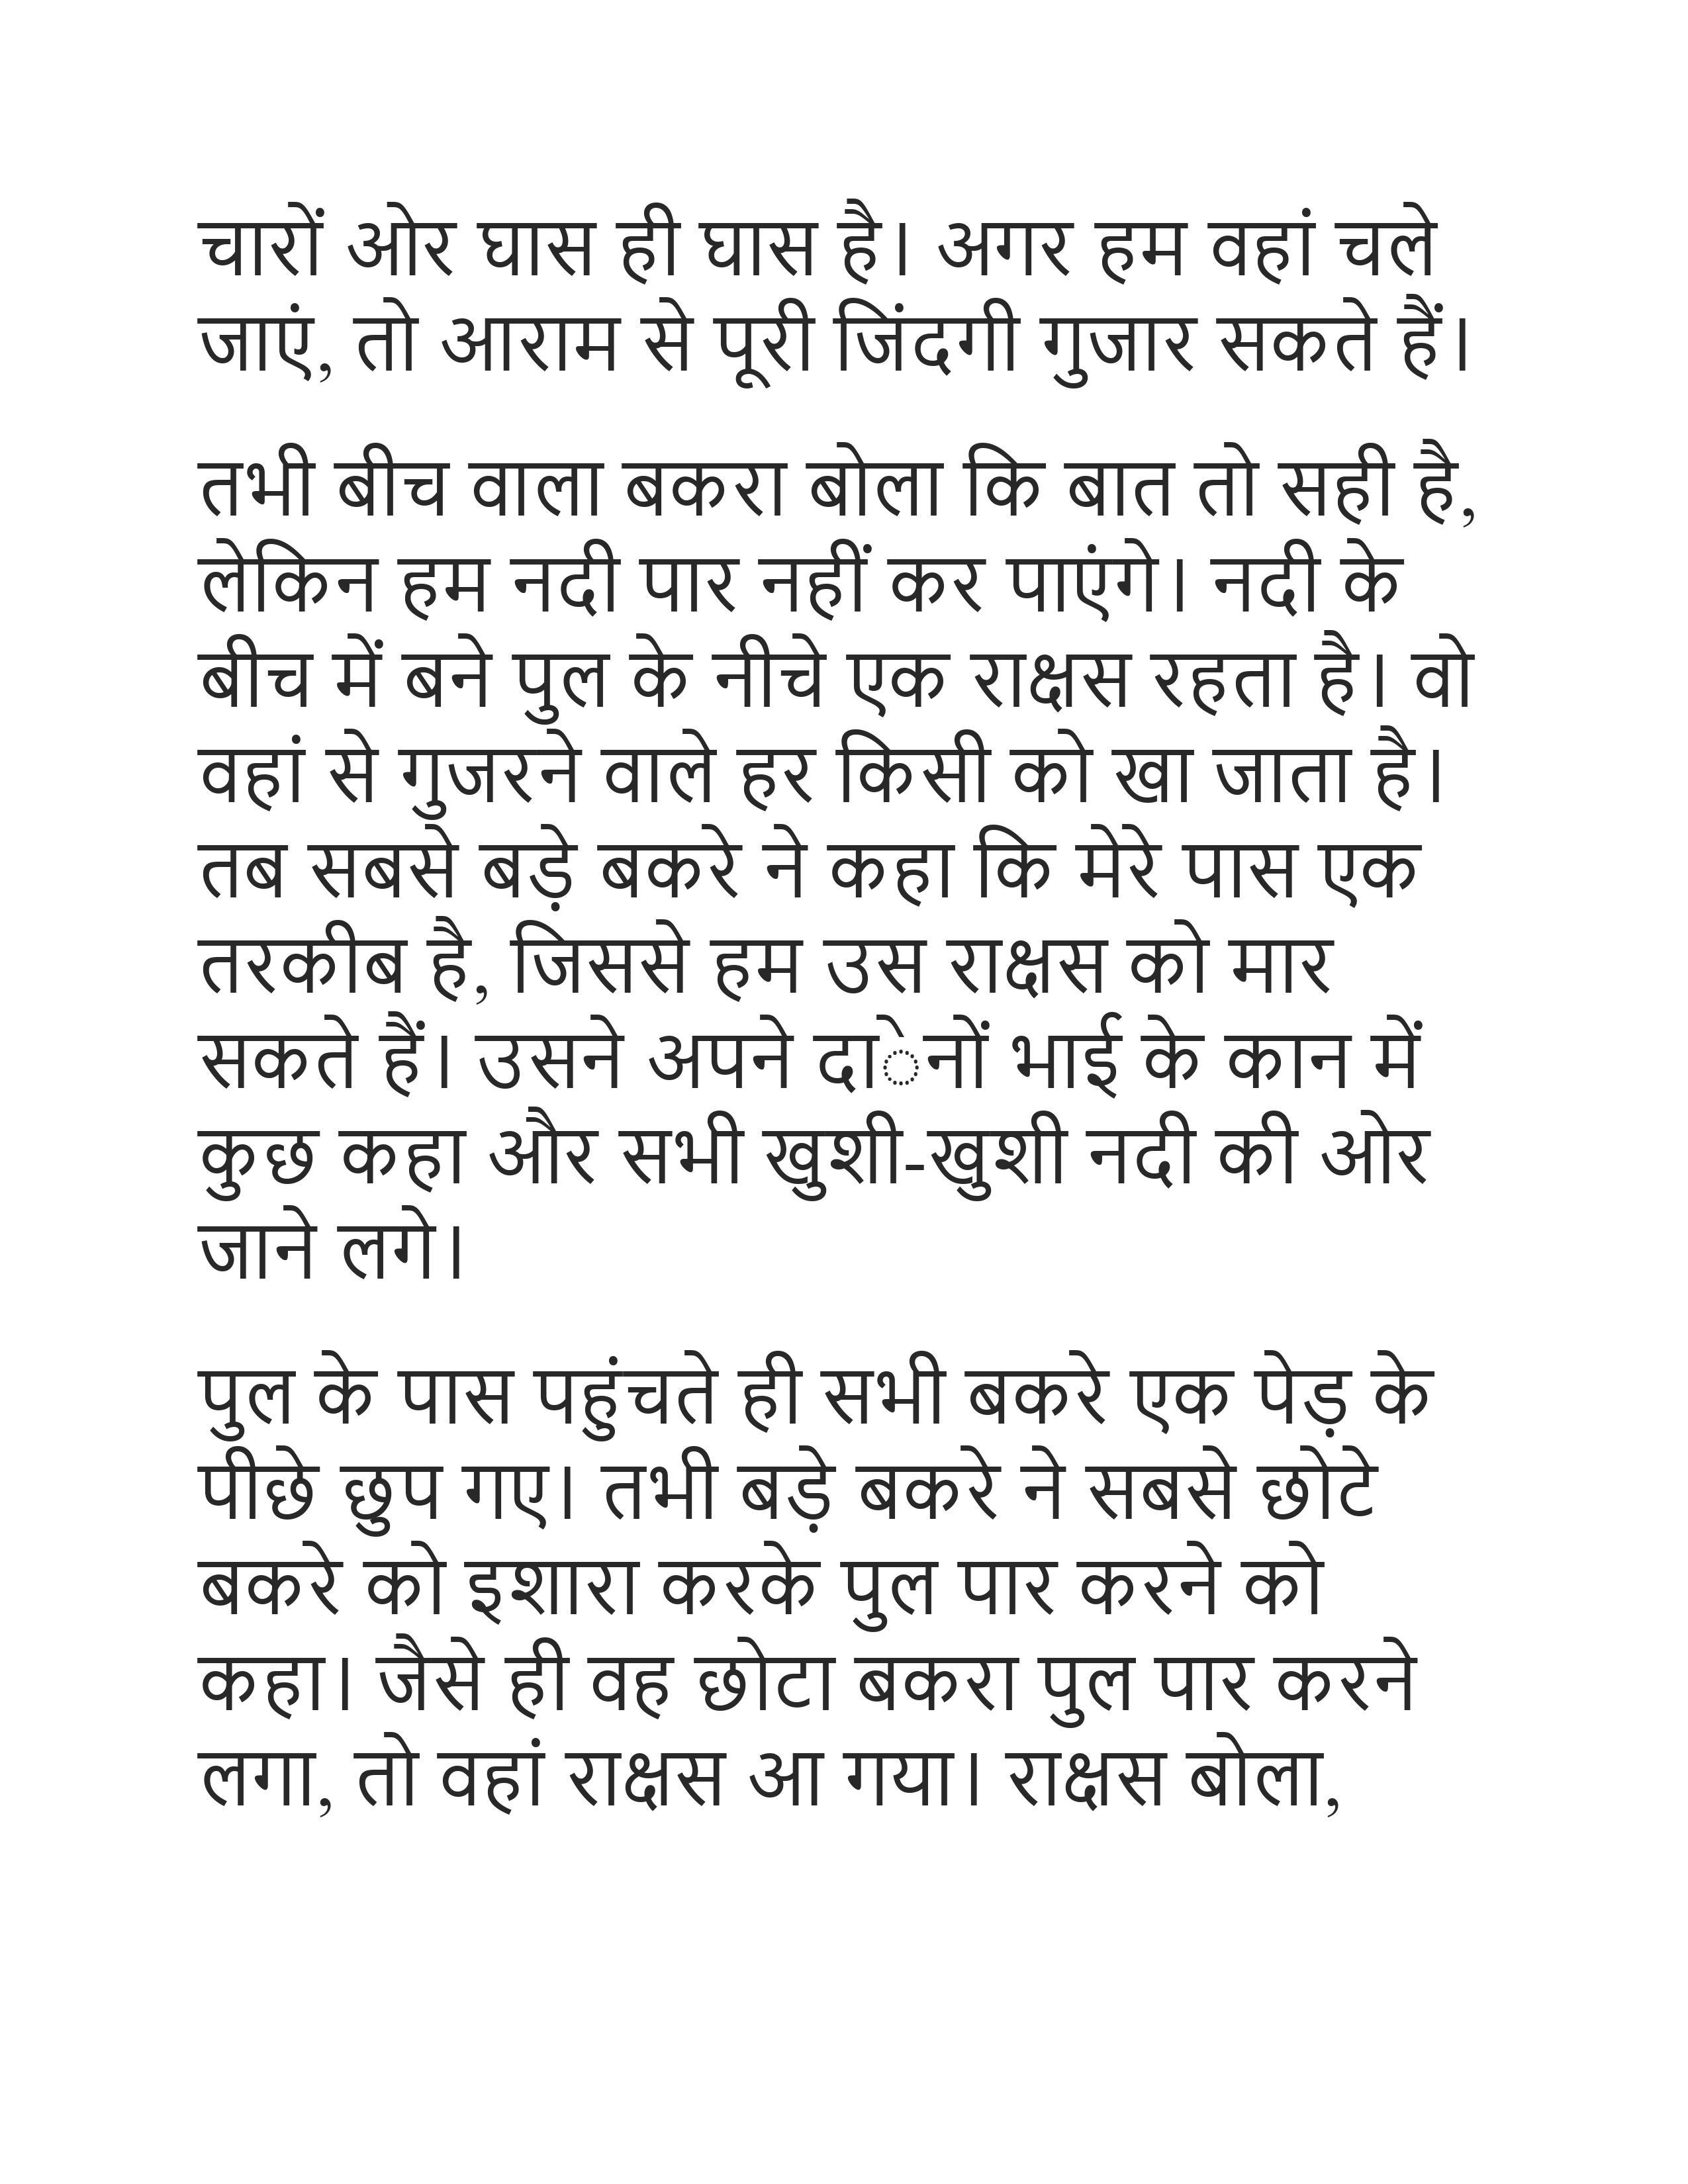 Fairy tales hindi pariyon ki kahaniya 11 1